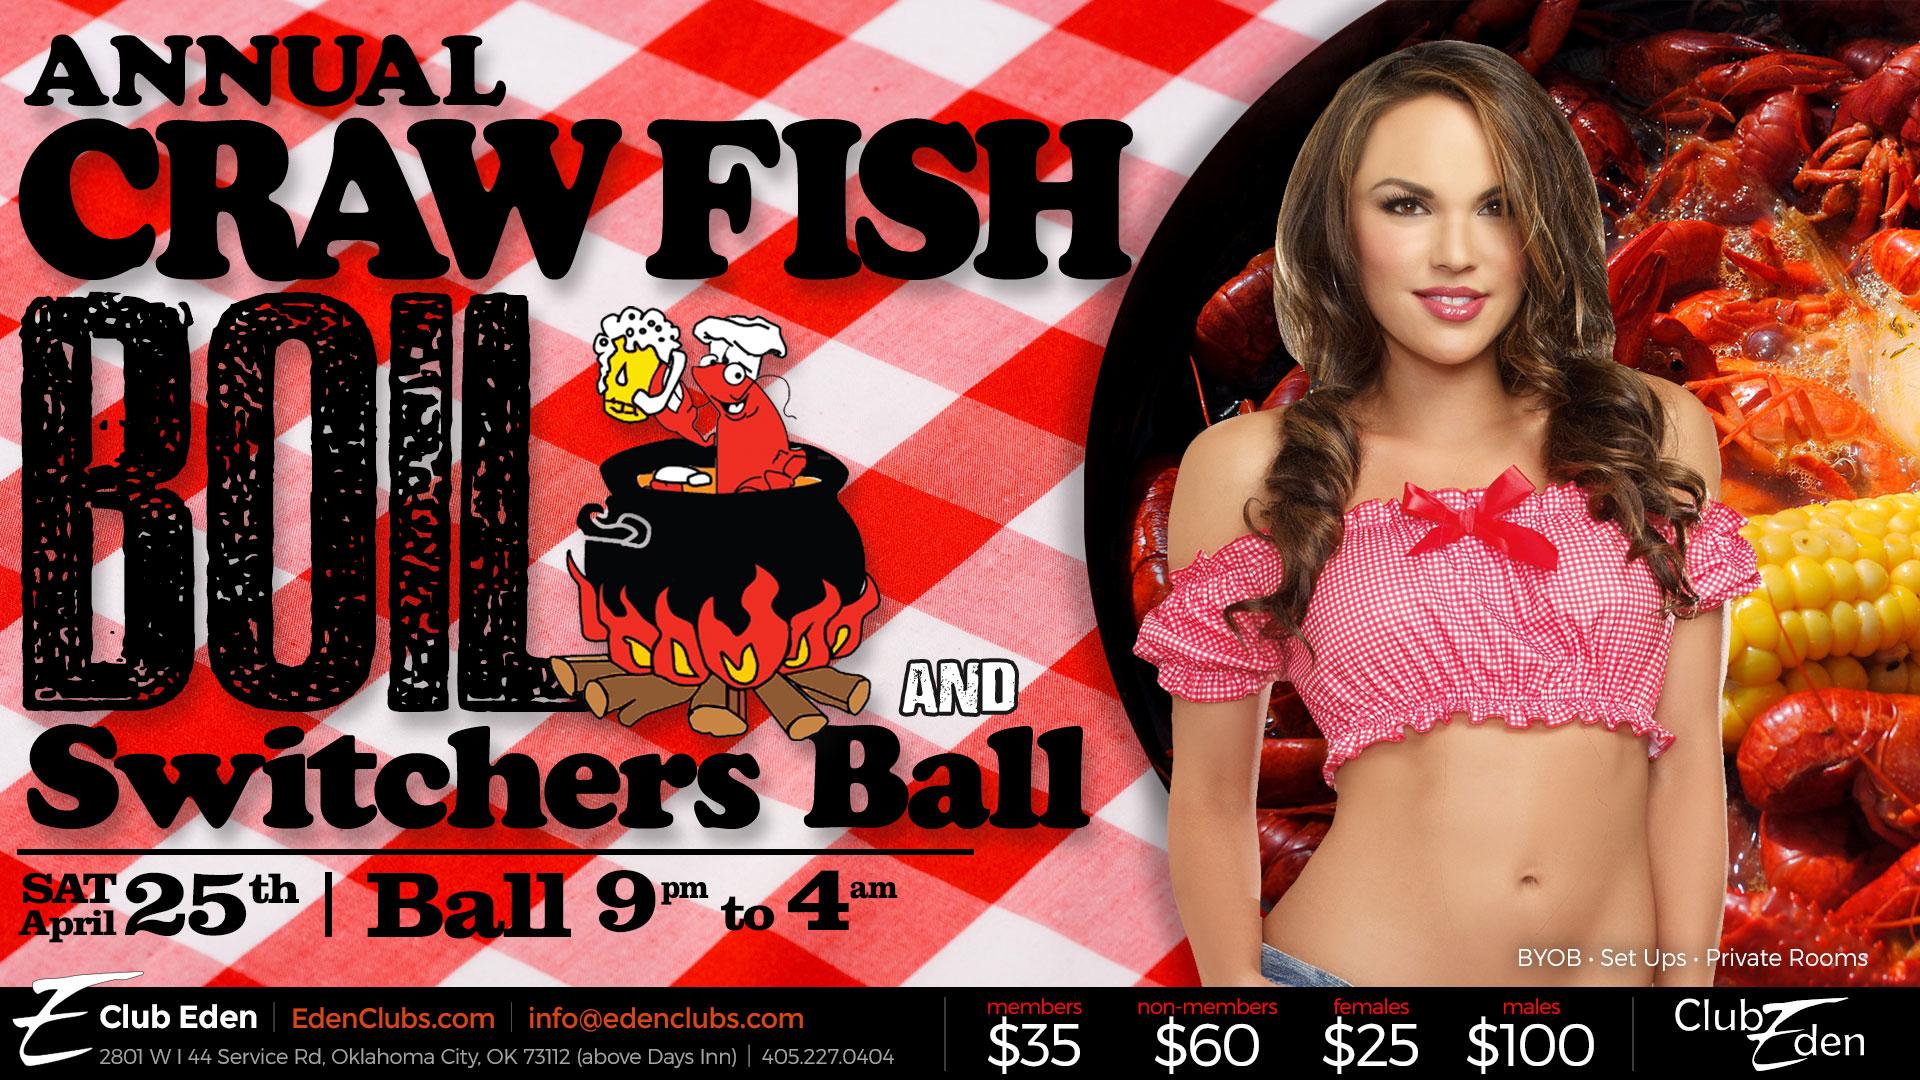 042520-OKC-crawfish-boil-tv